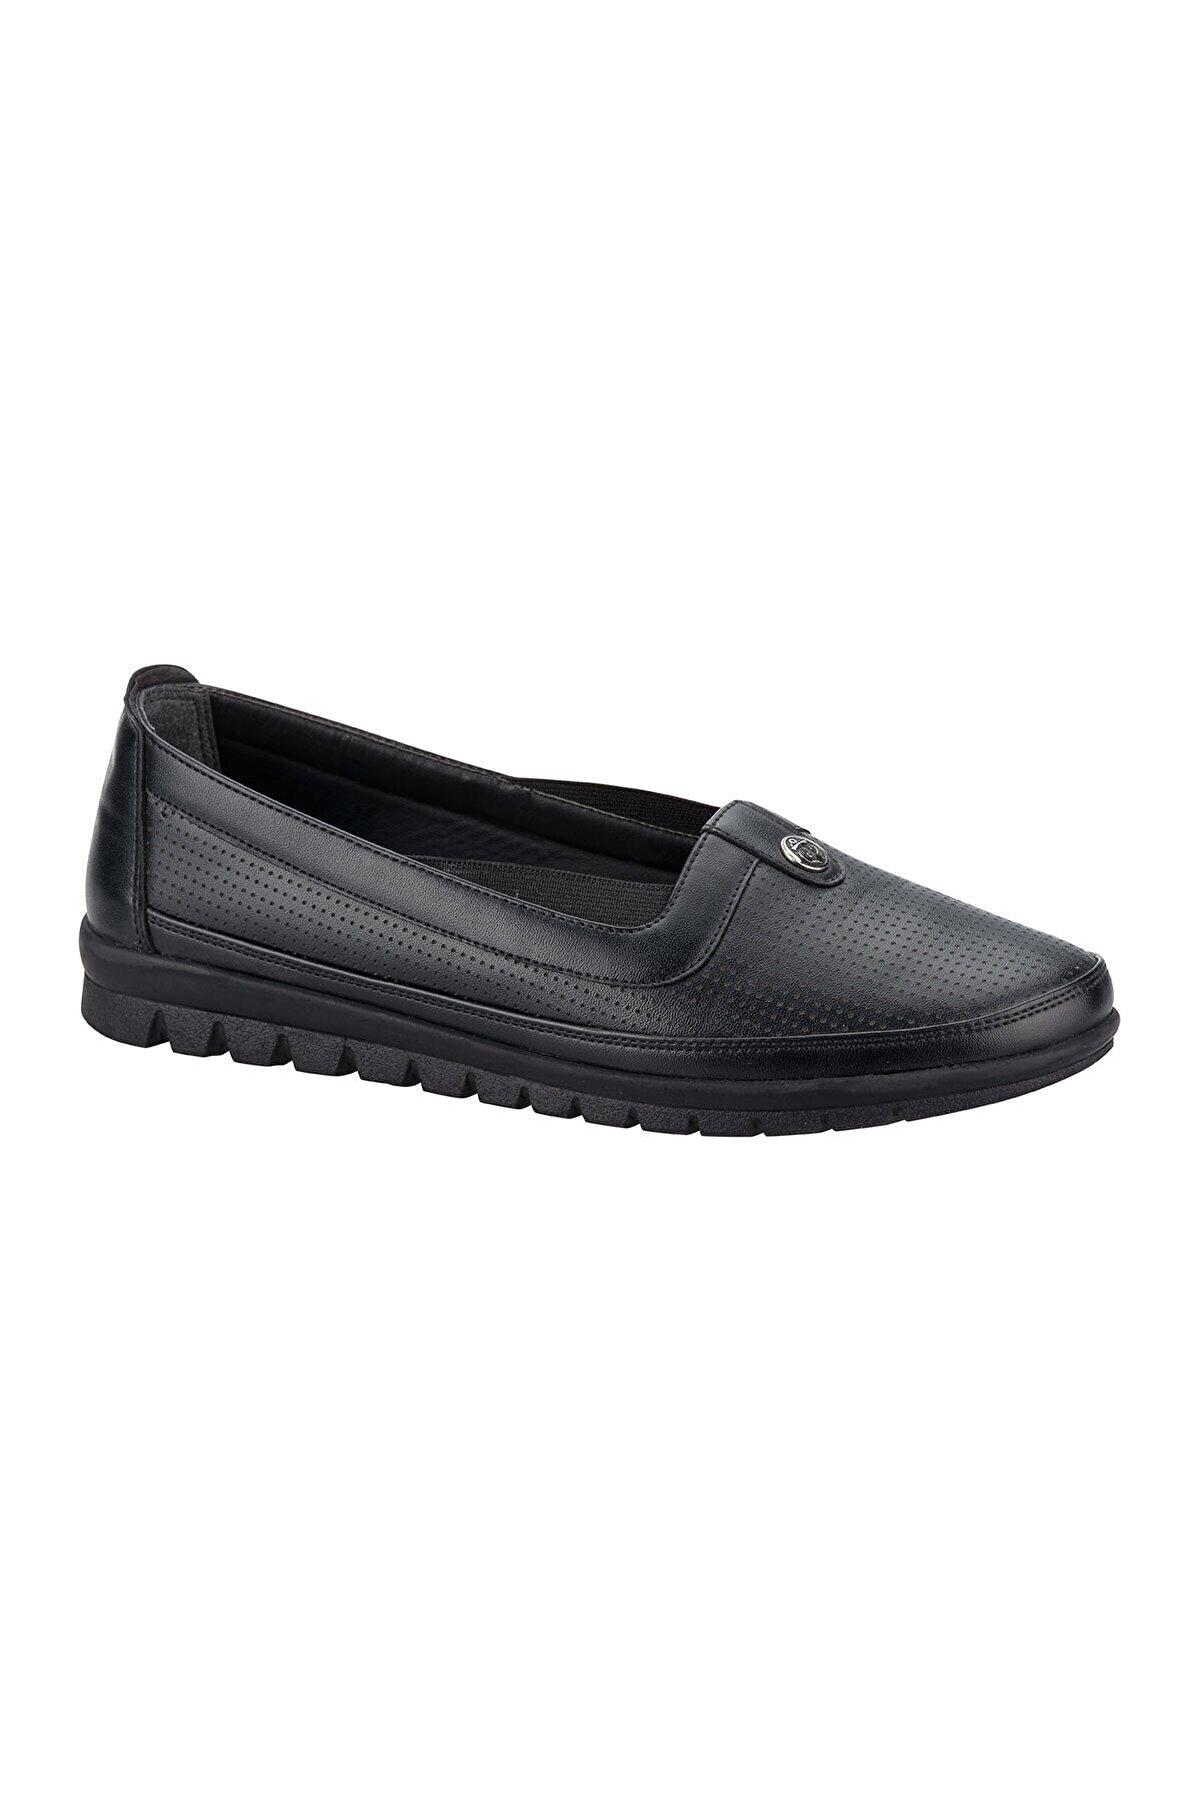 Polaris Kadın Günlük Ayakkabı Siyah As00602336 100911528 161212.z1fx